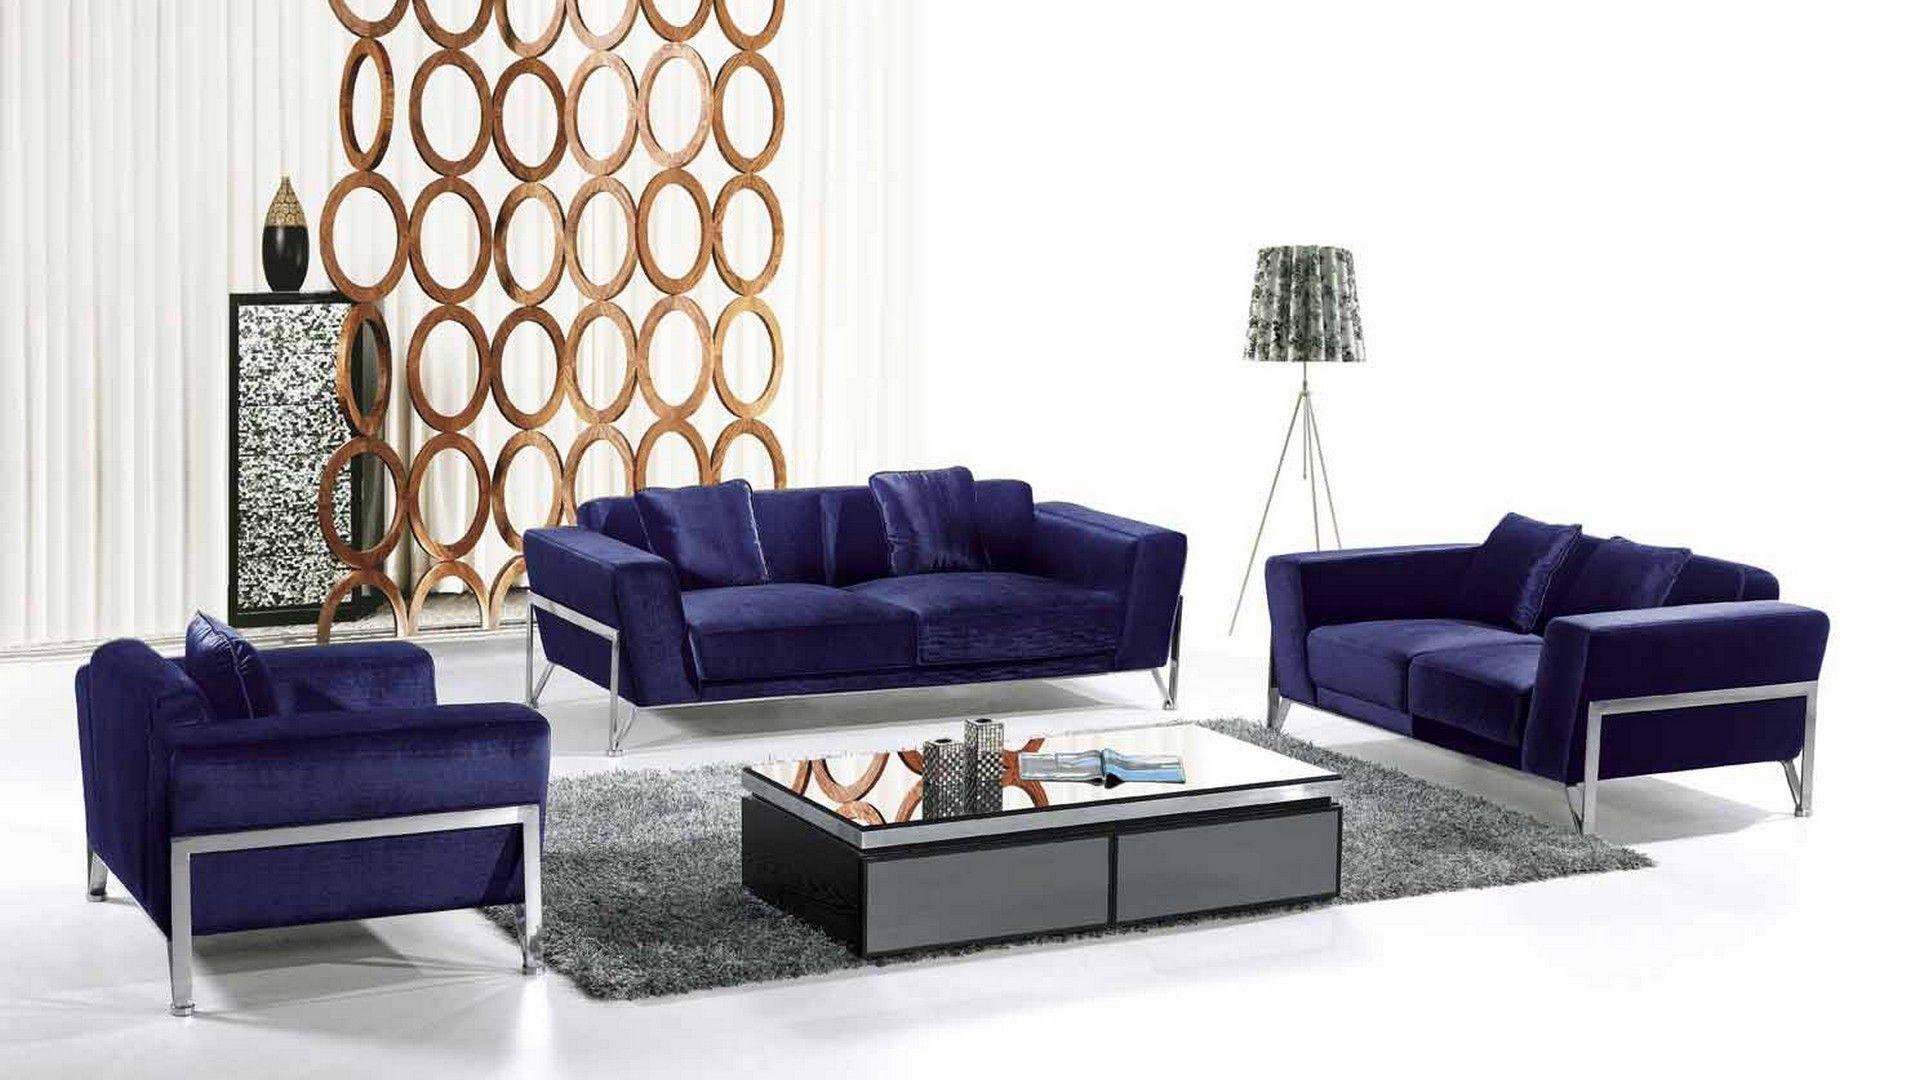 Superb blue sofa sets and unique room divider for sitting room furniture